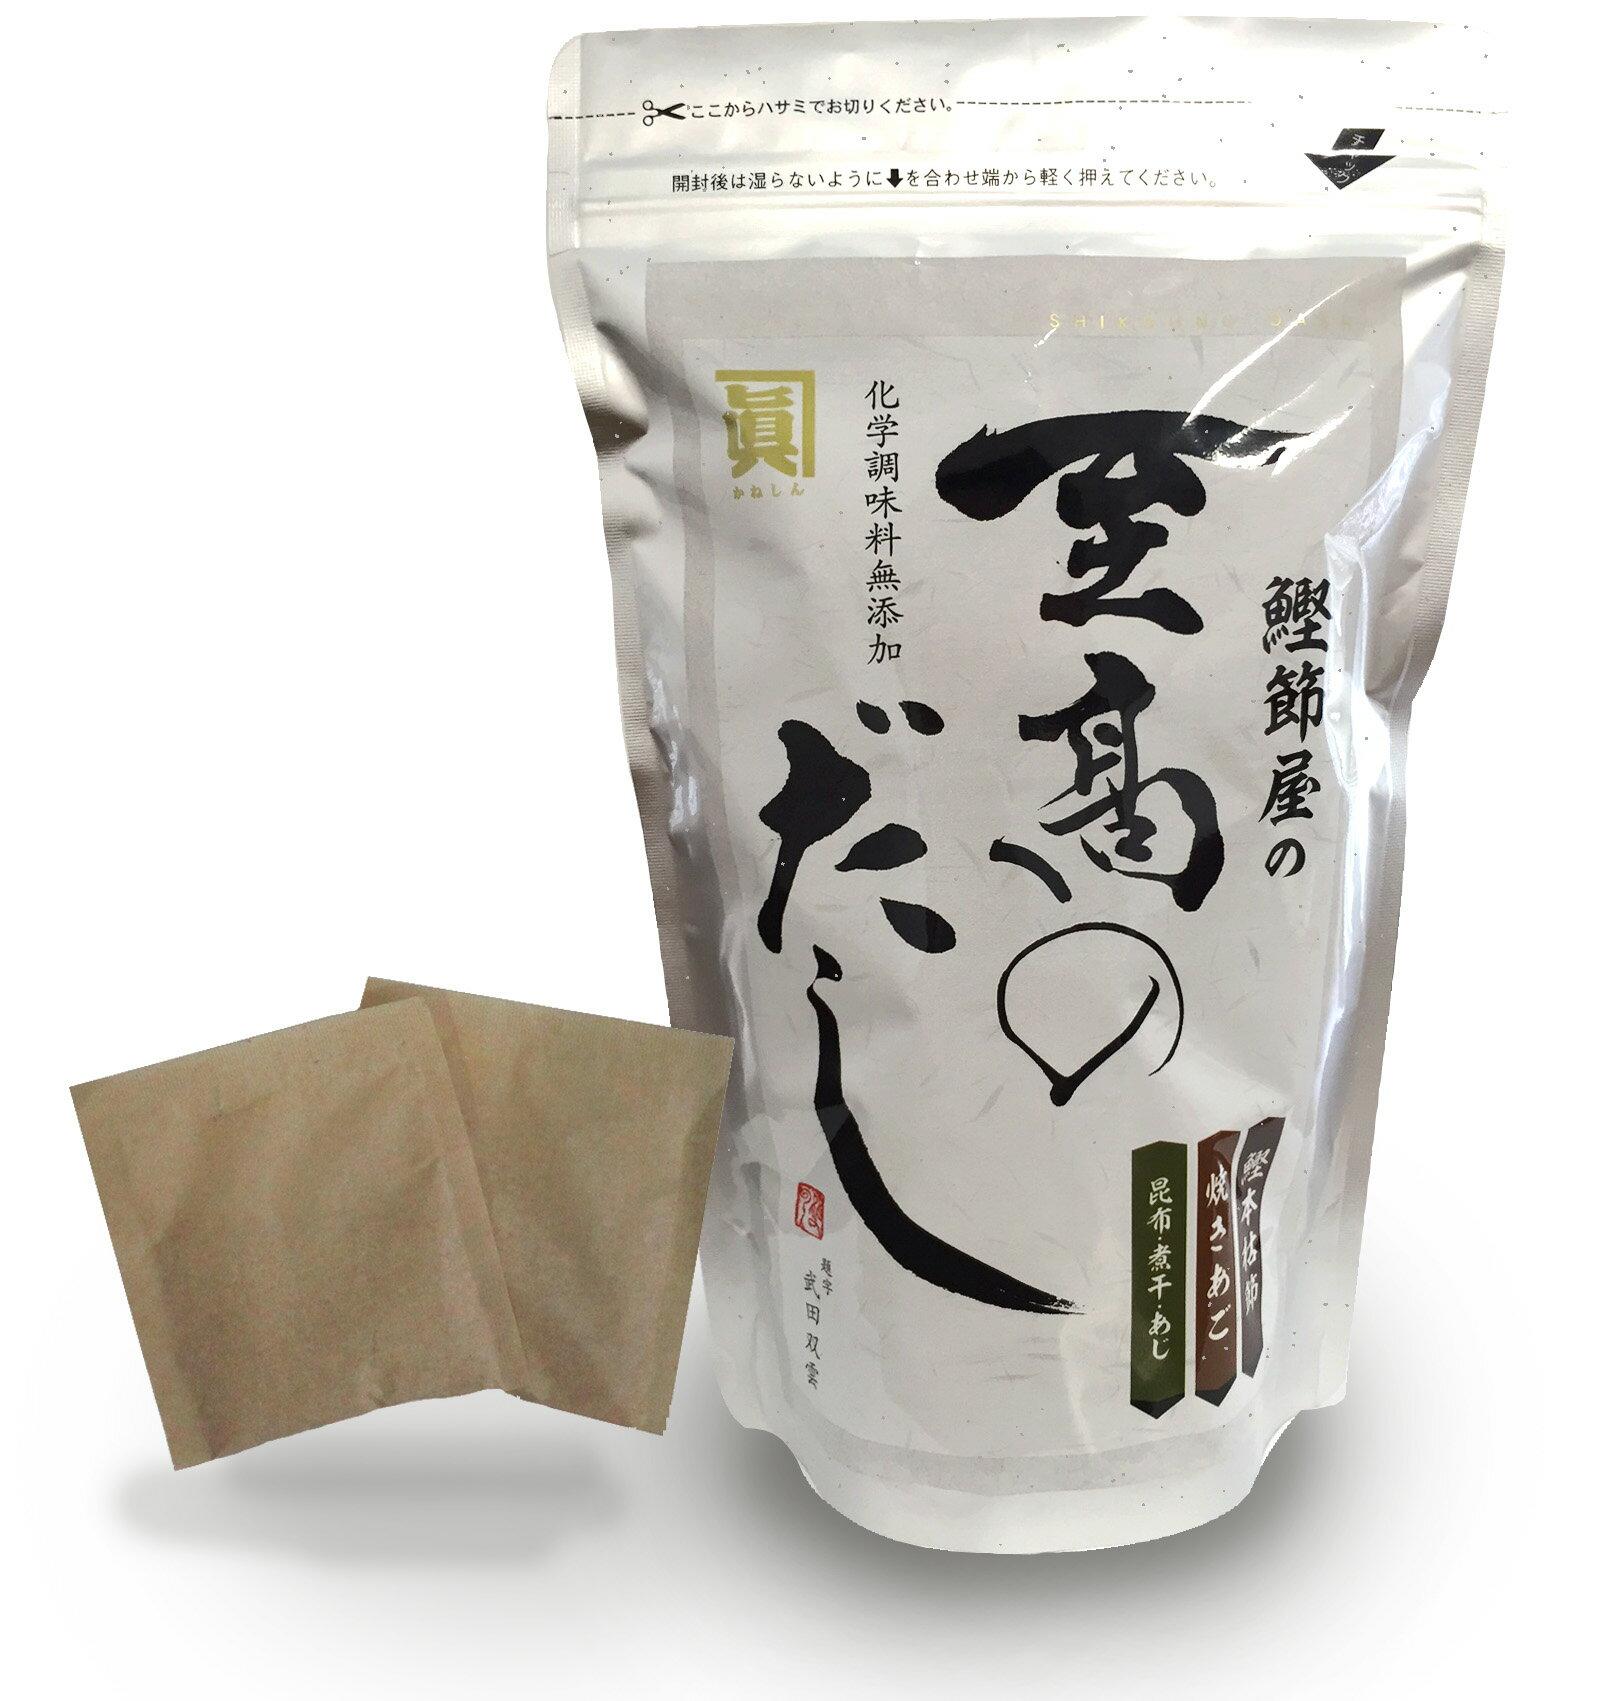 鹿兒島名產/ 鰹魚昆布黃金高湯包240g(8g×30袋)